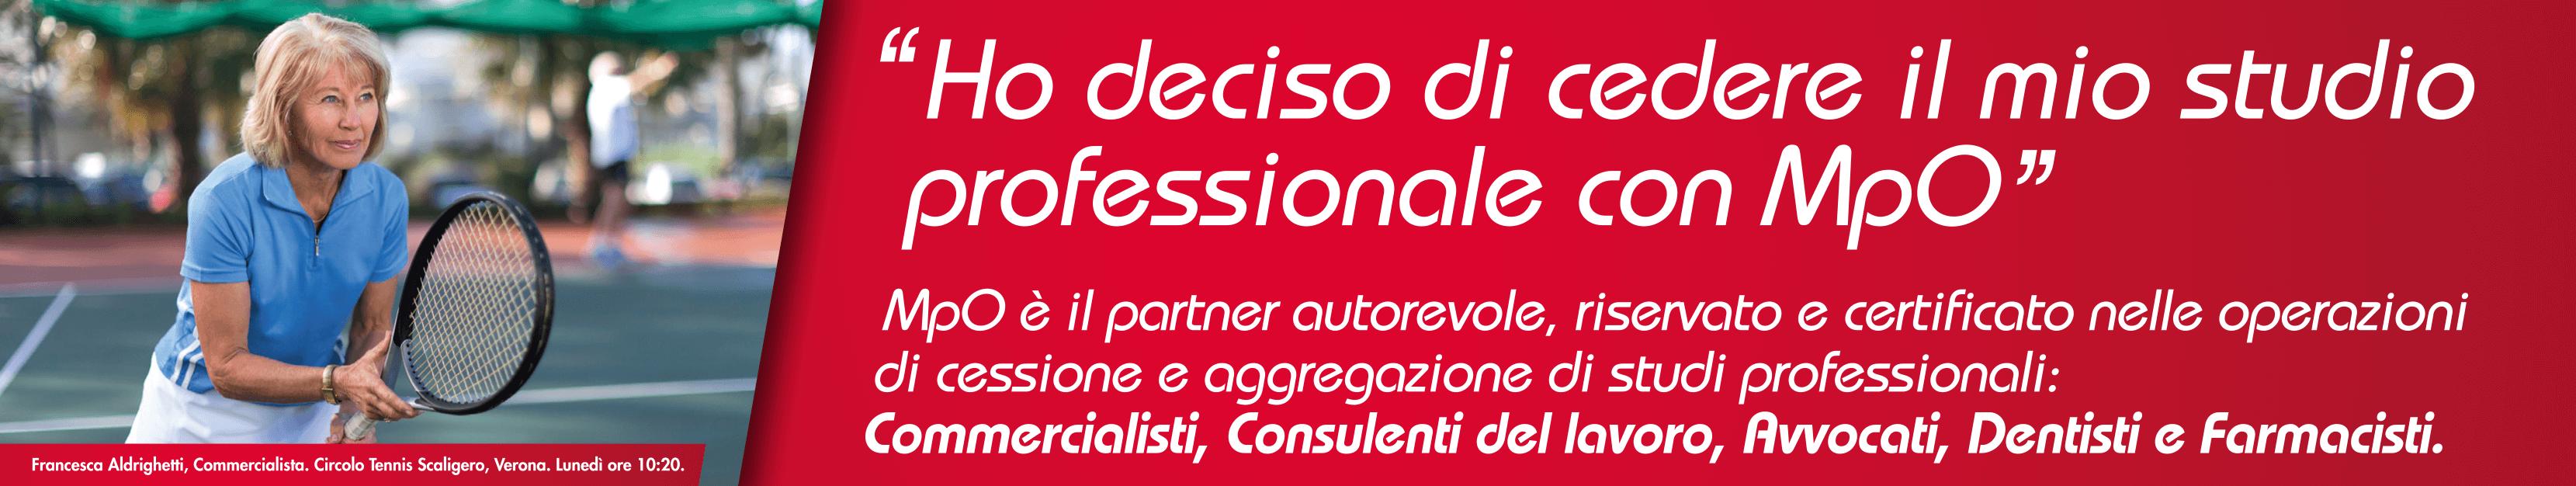 MPO banner 1